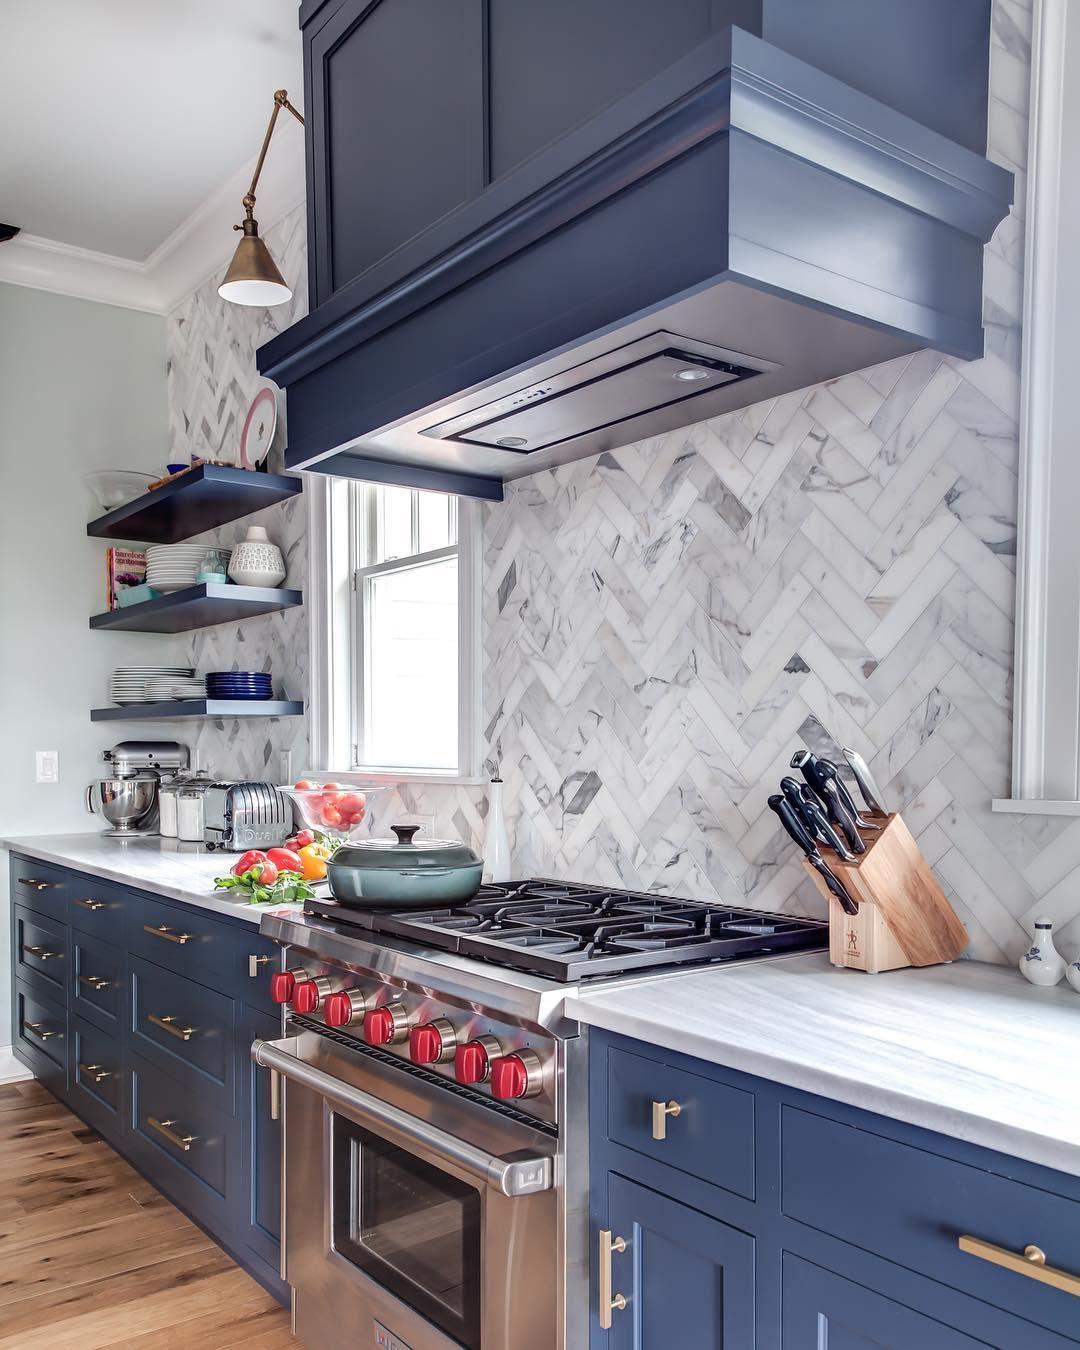 Hale Navy Cabinet Color Backsplash Laid Tile By Tile Too Big To Be On A Mesh Backing Navy Kitchen Cabinets Kitchen Design Cottage Kitchen Design